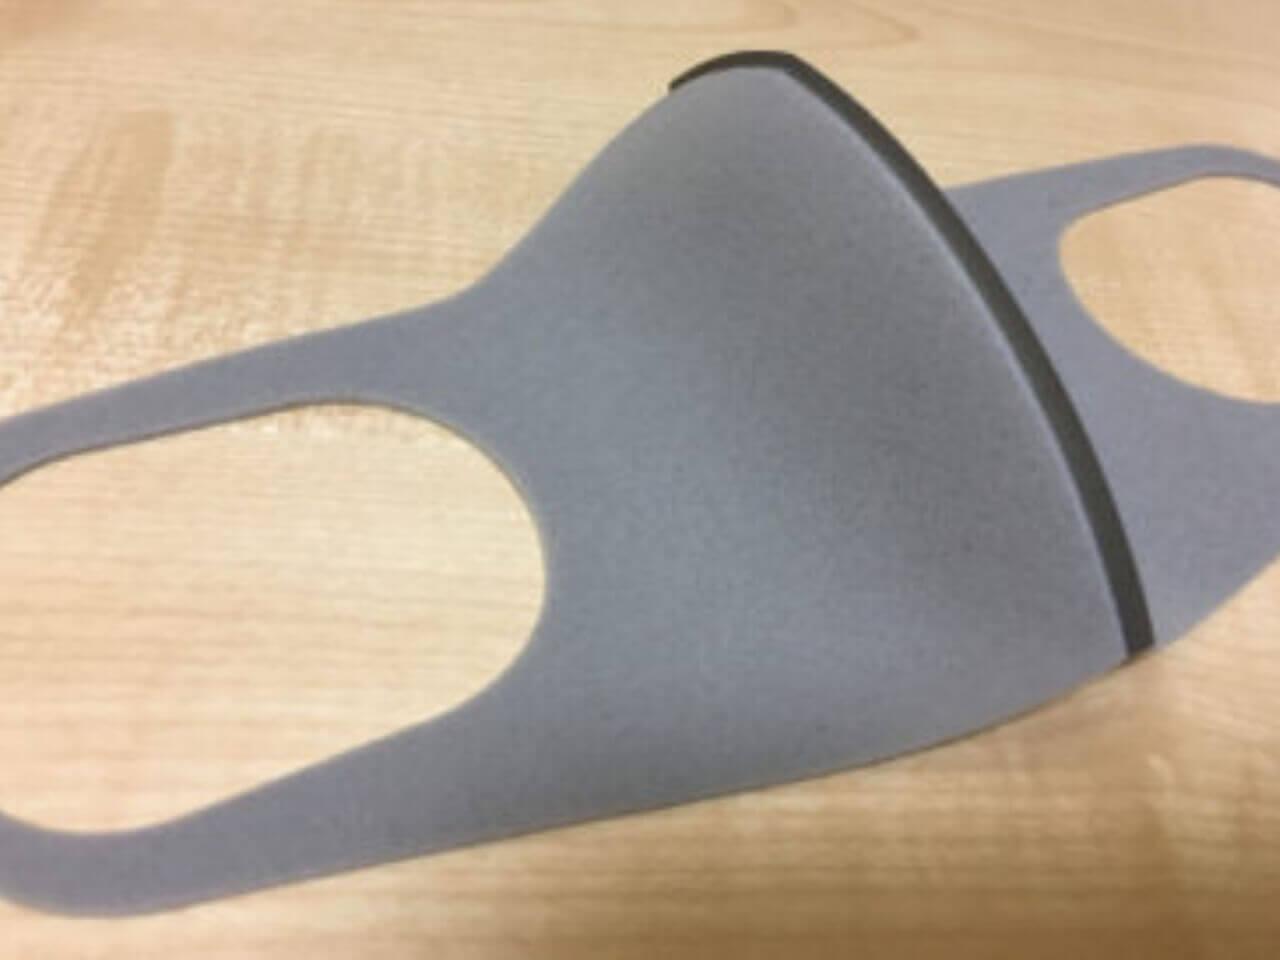 机に置かれたピッタマスクのグレー